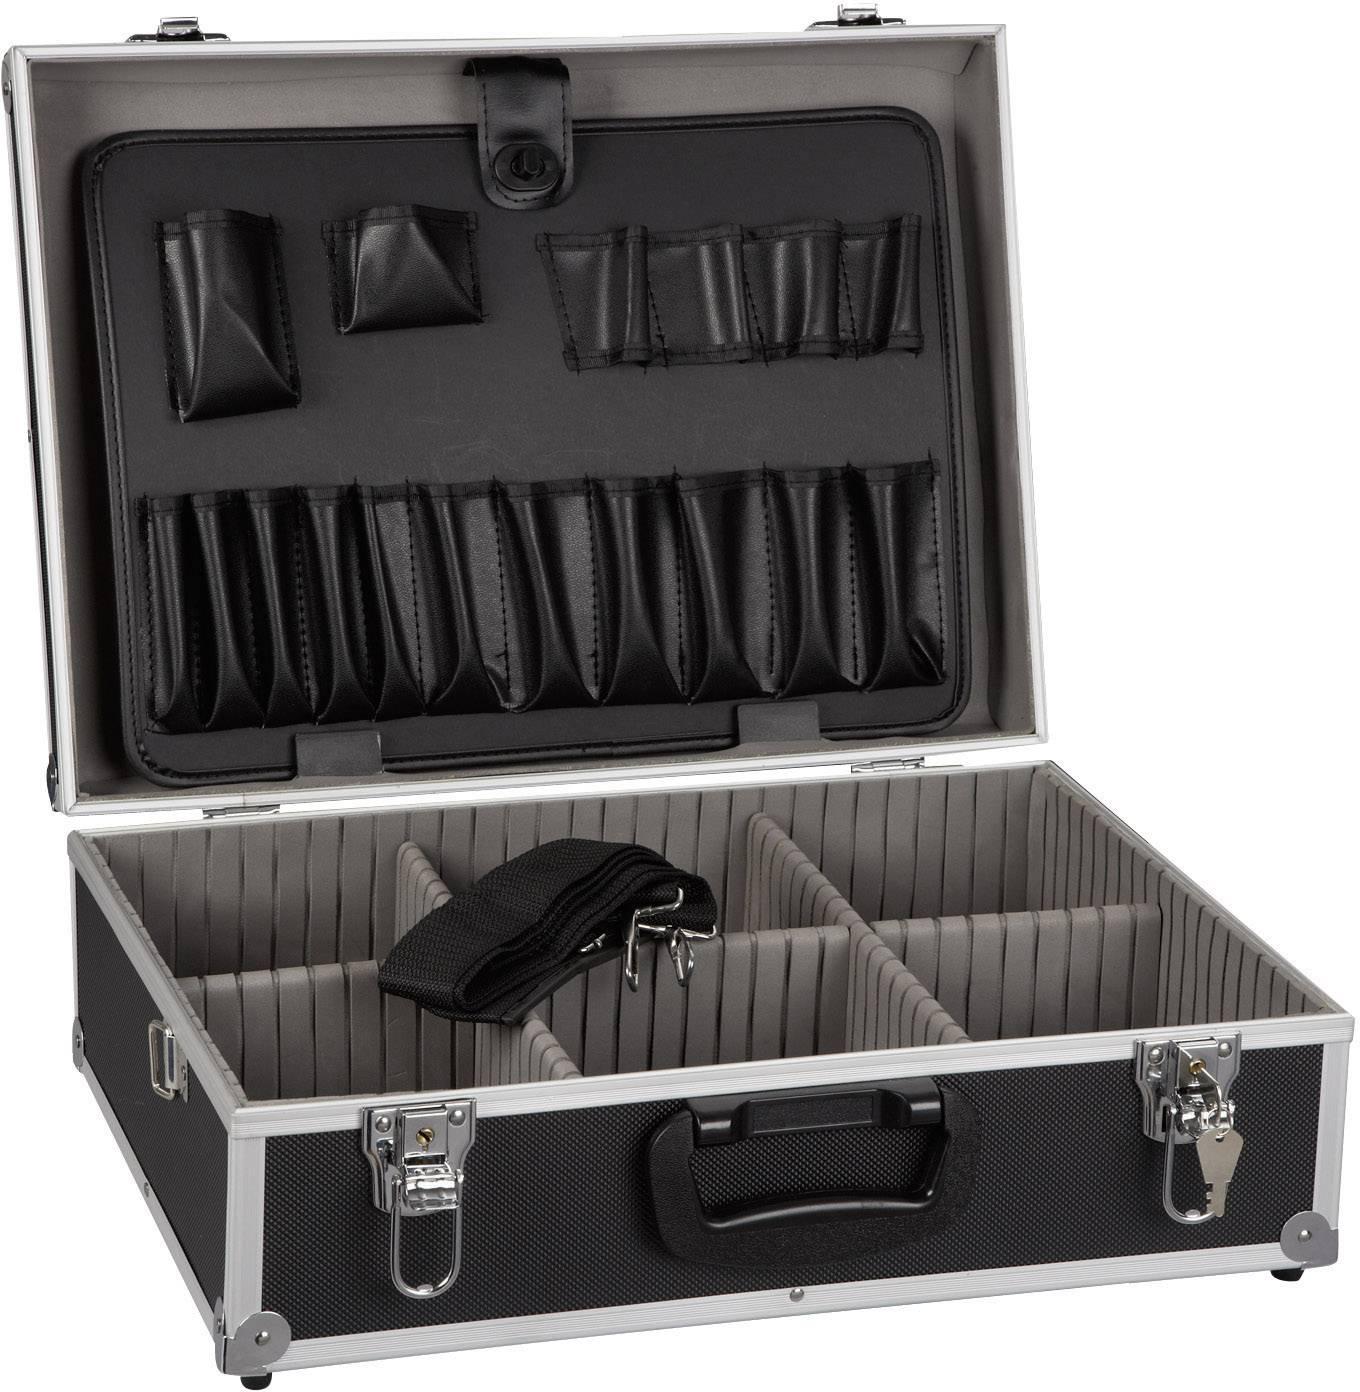 Hliníkový kufor na náradie Alutec 61200, 460 x 335 x 155 mm